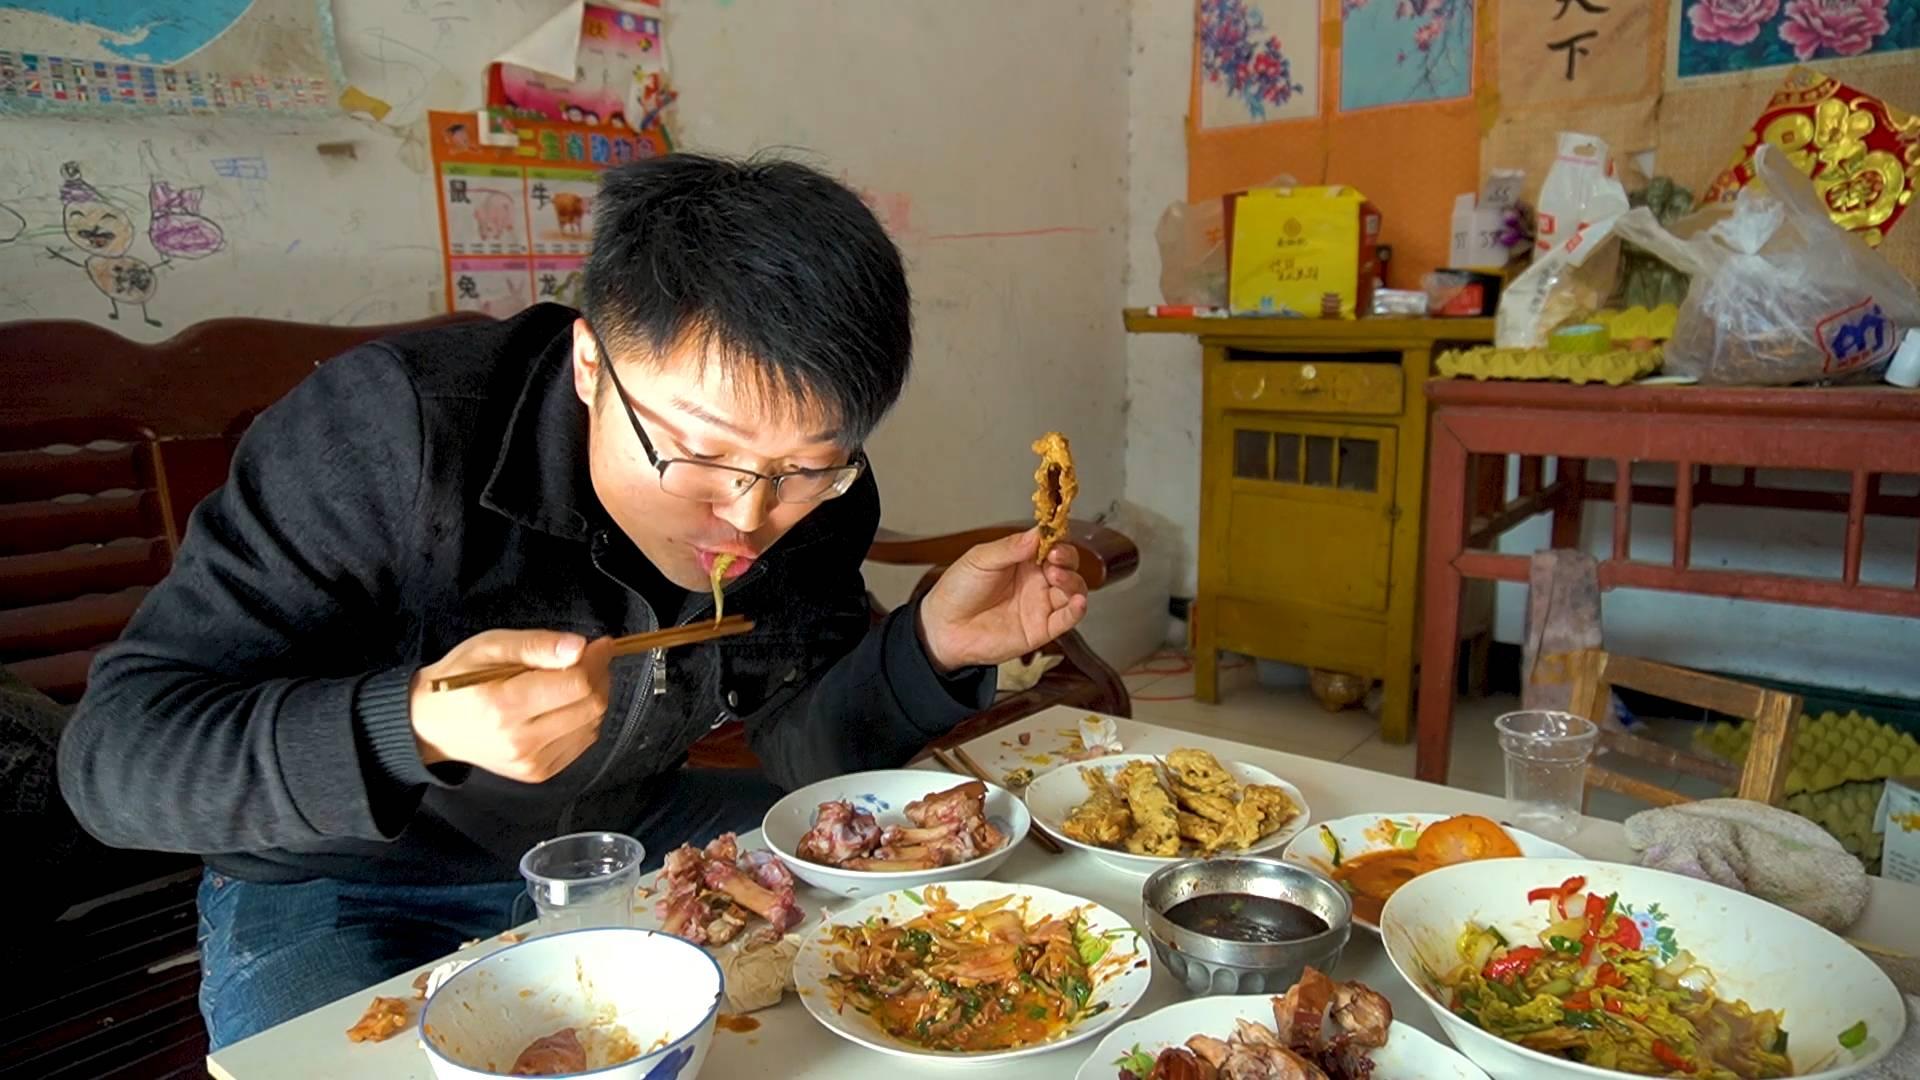 大sao蹭饭,岳父不在,自己撑起一桌饭量,炸穿鱼配大猪蹄,真香